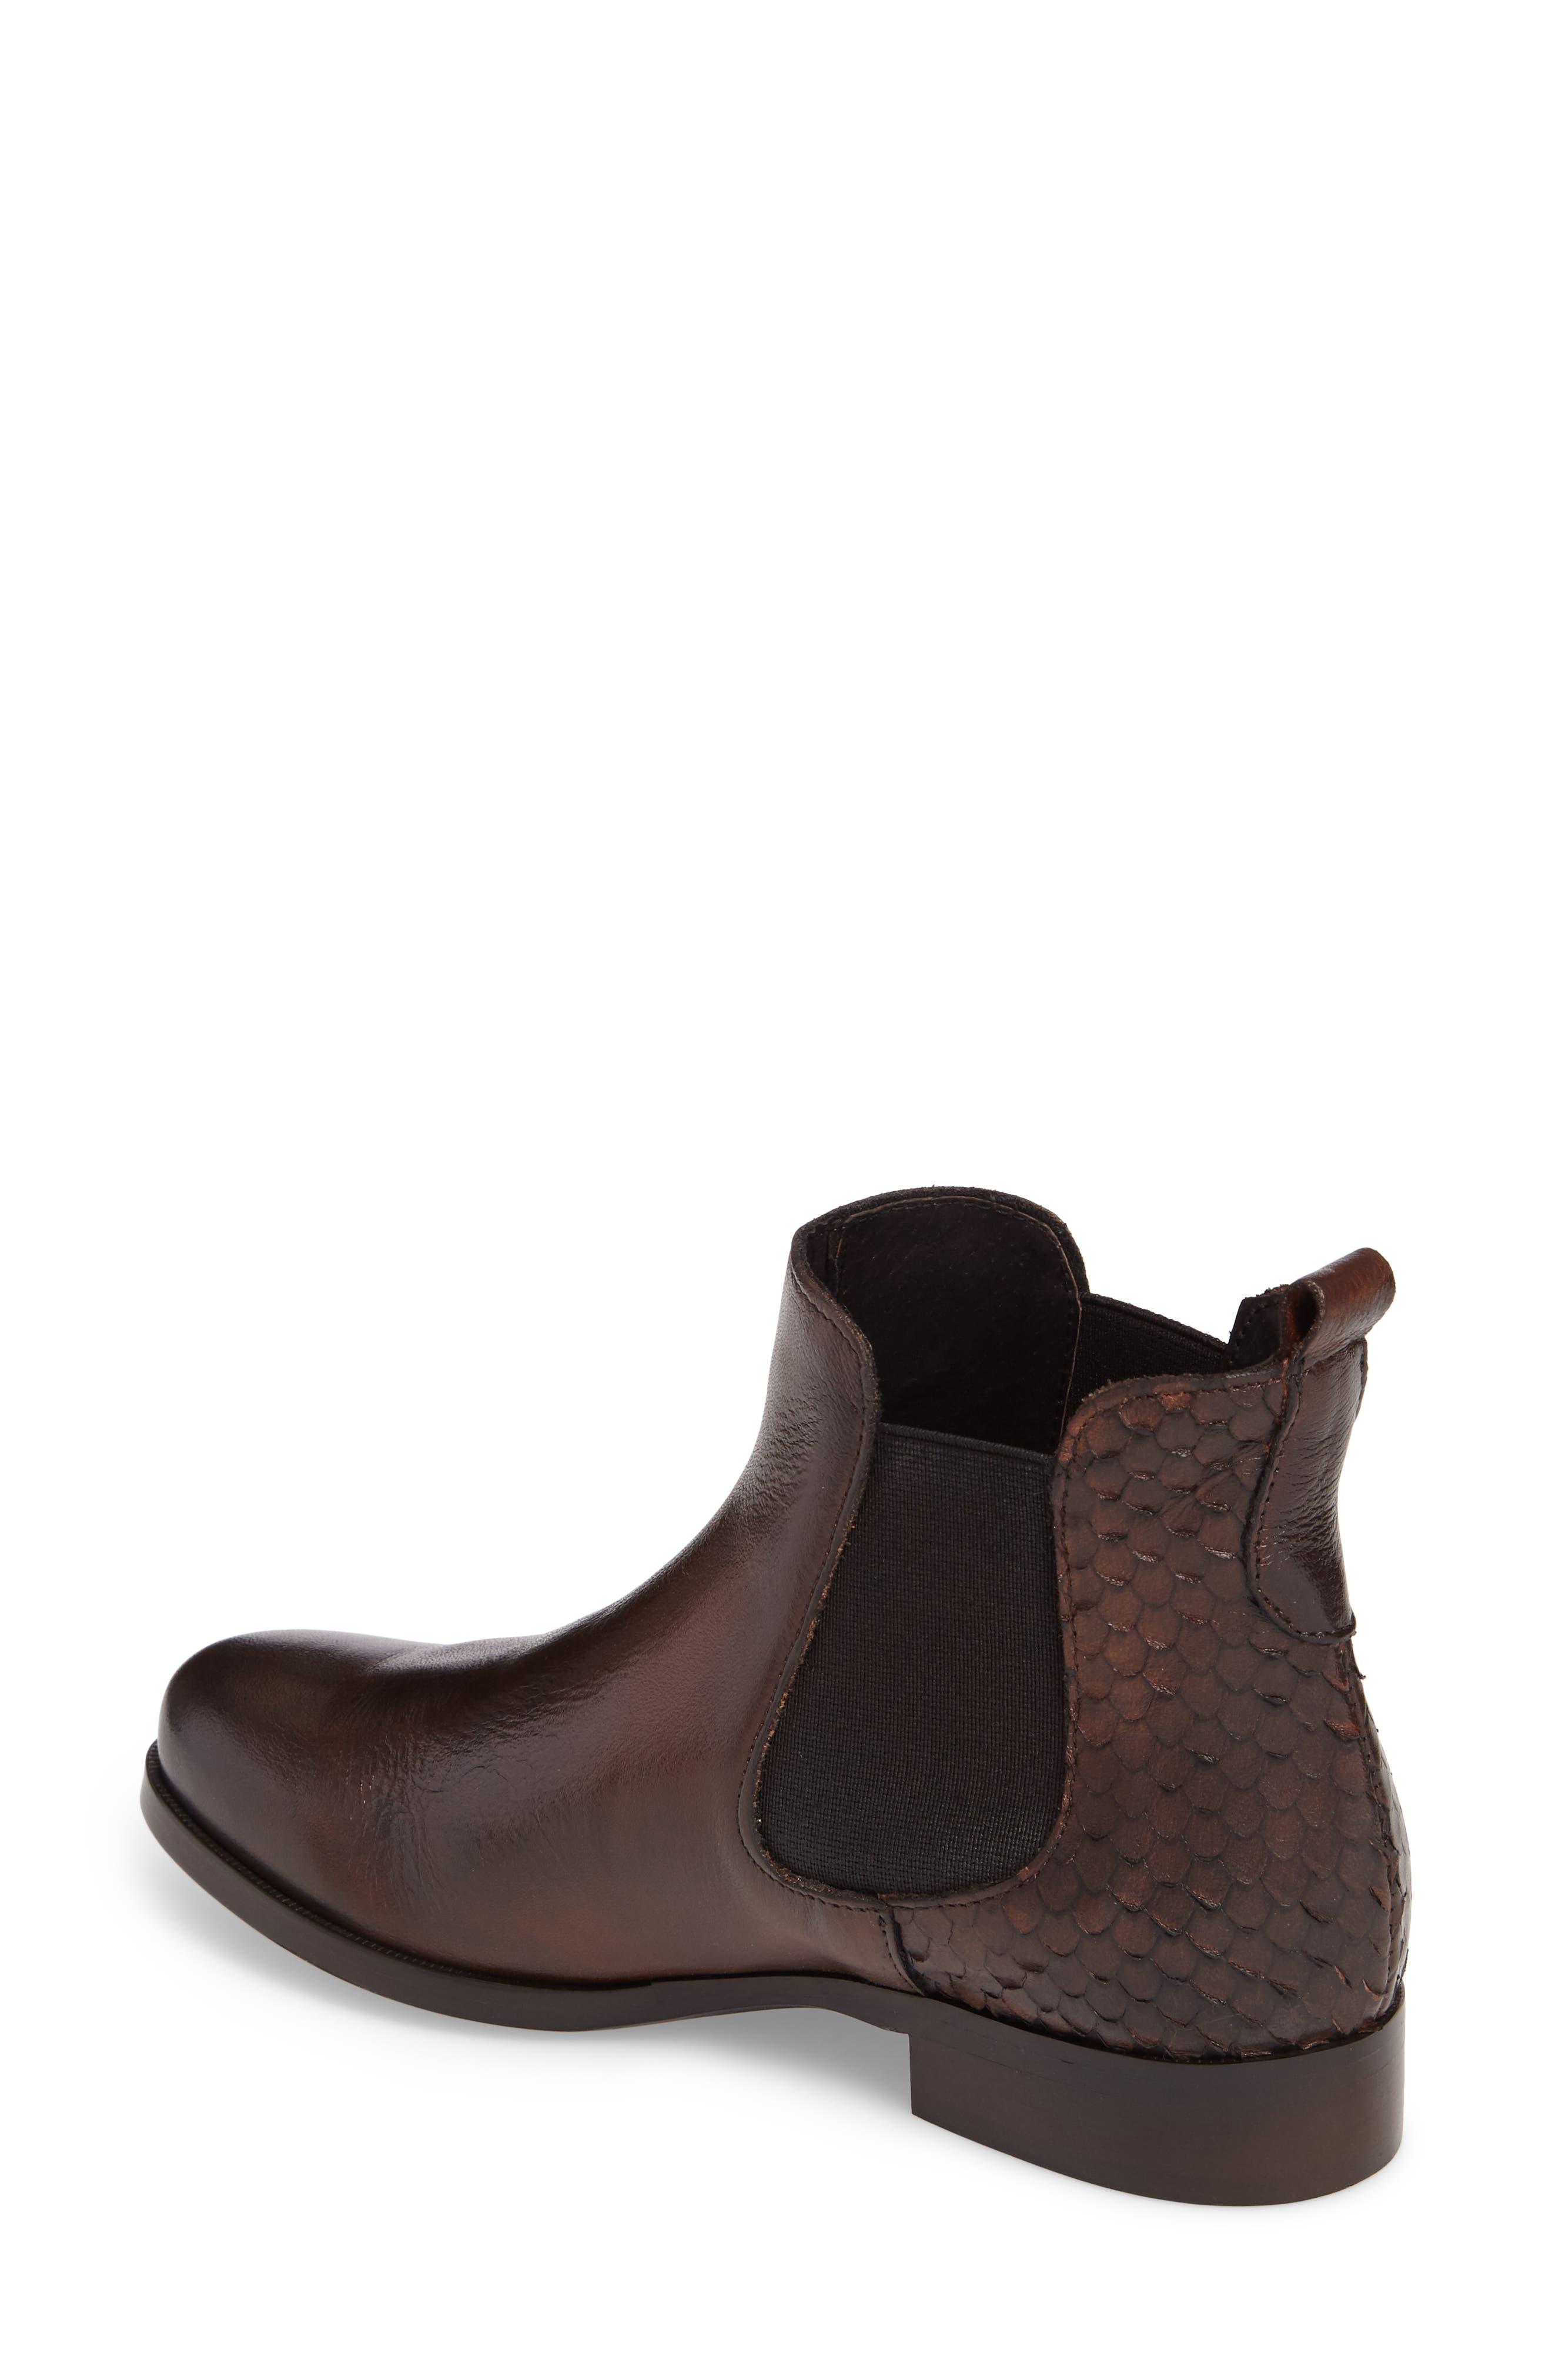 Padamae Water Resistant Chelsea Boot,                             Alternate thumbnail 2, color,                             001